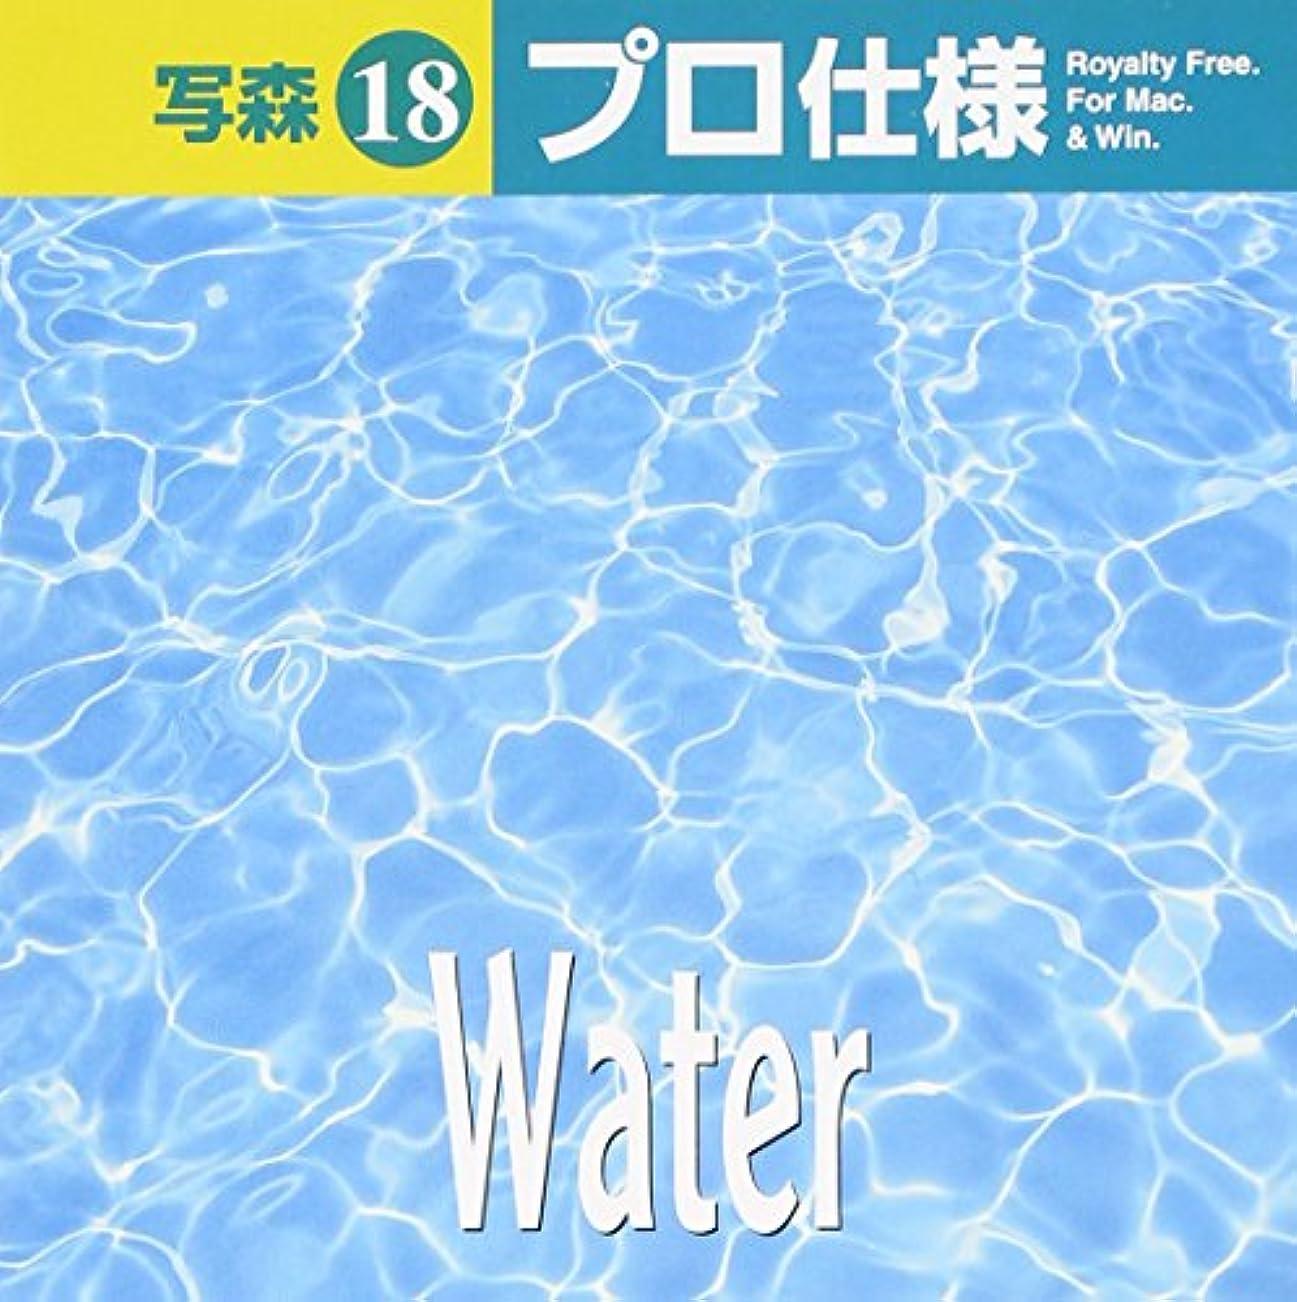 写森プロ仕様 Vol.18 Water